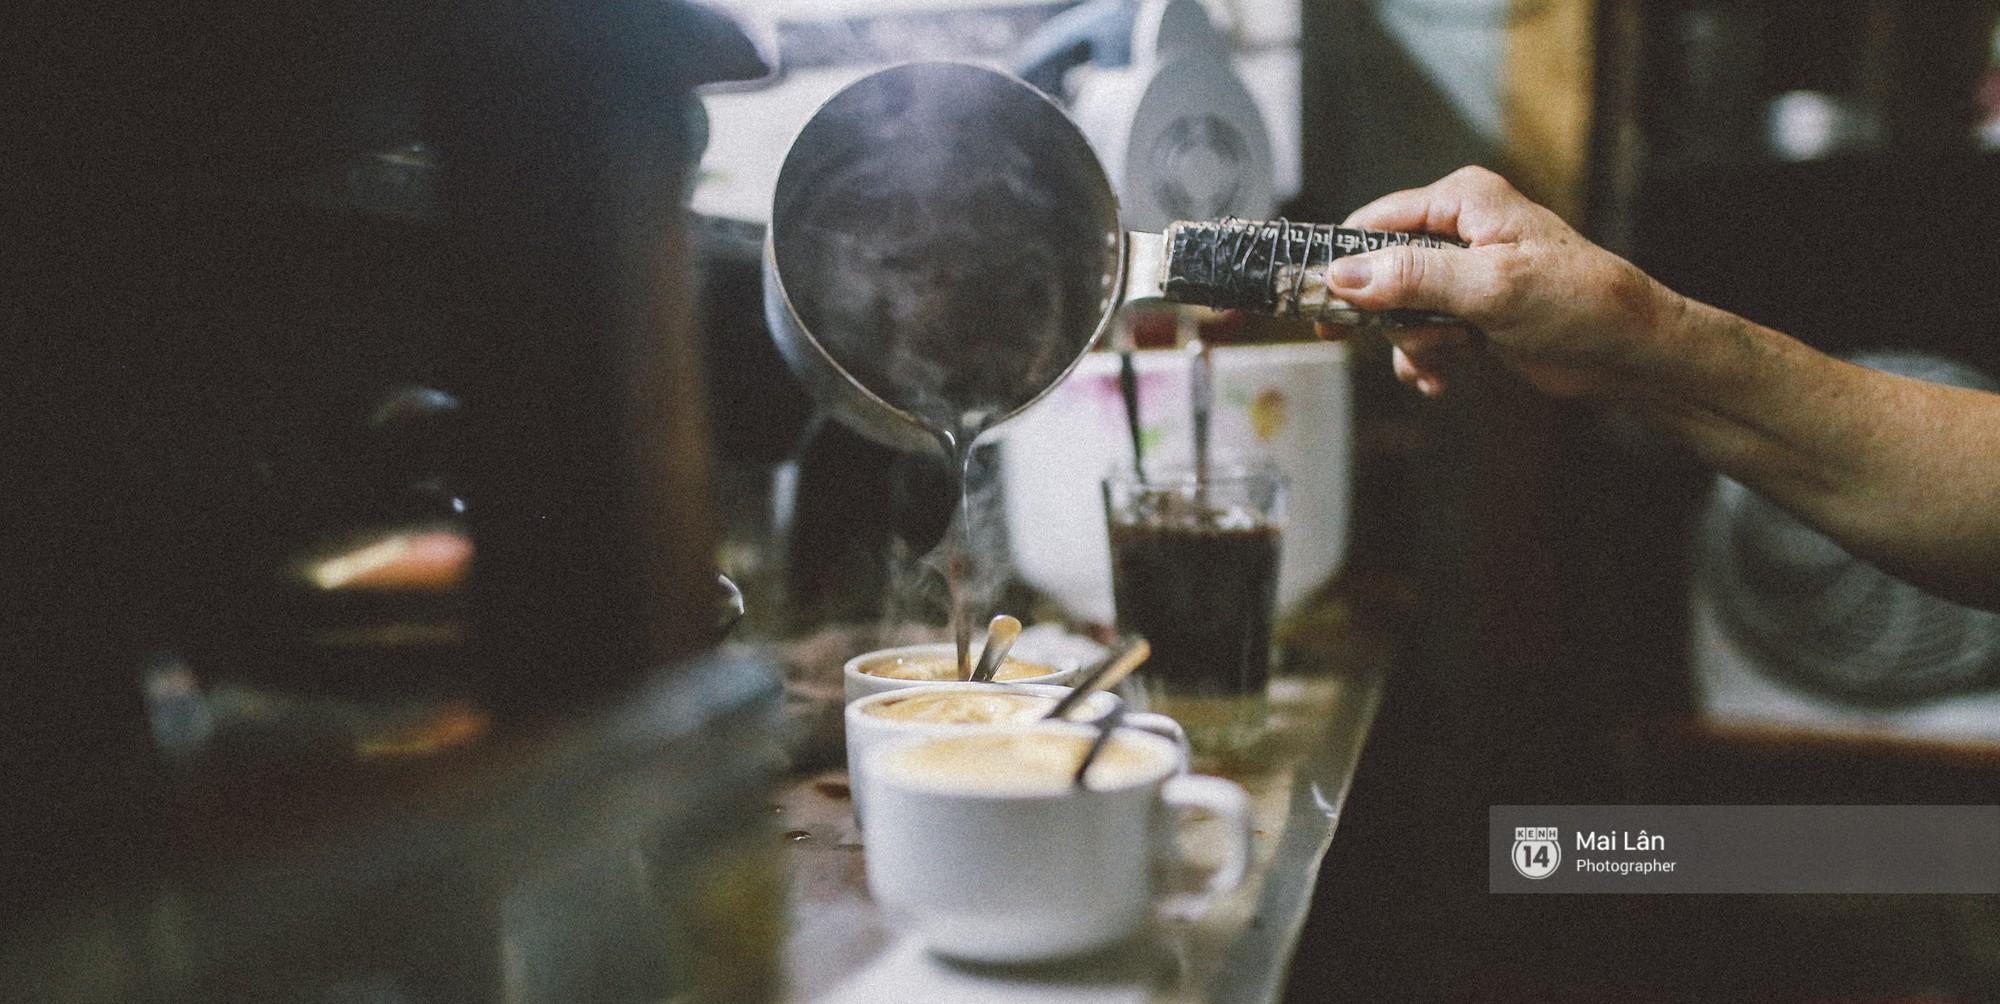 Không phải tự nhiên mà cà phê trứng Giảng được chọn để chiêu đãi trong Hội nghị thượng đỉnh - Ảnh 1.